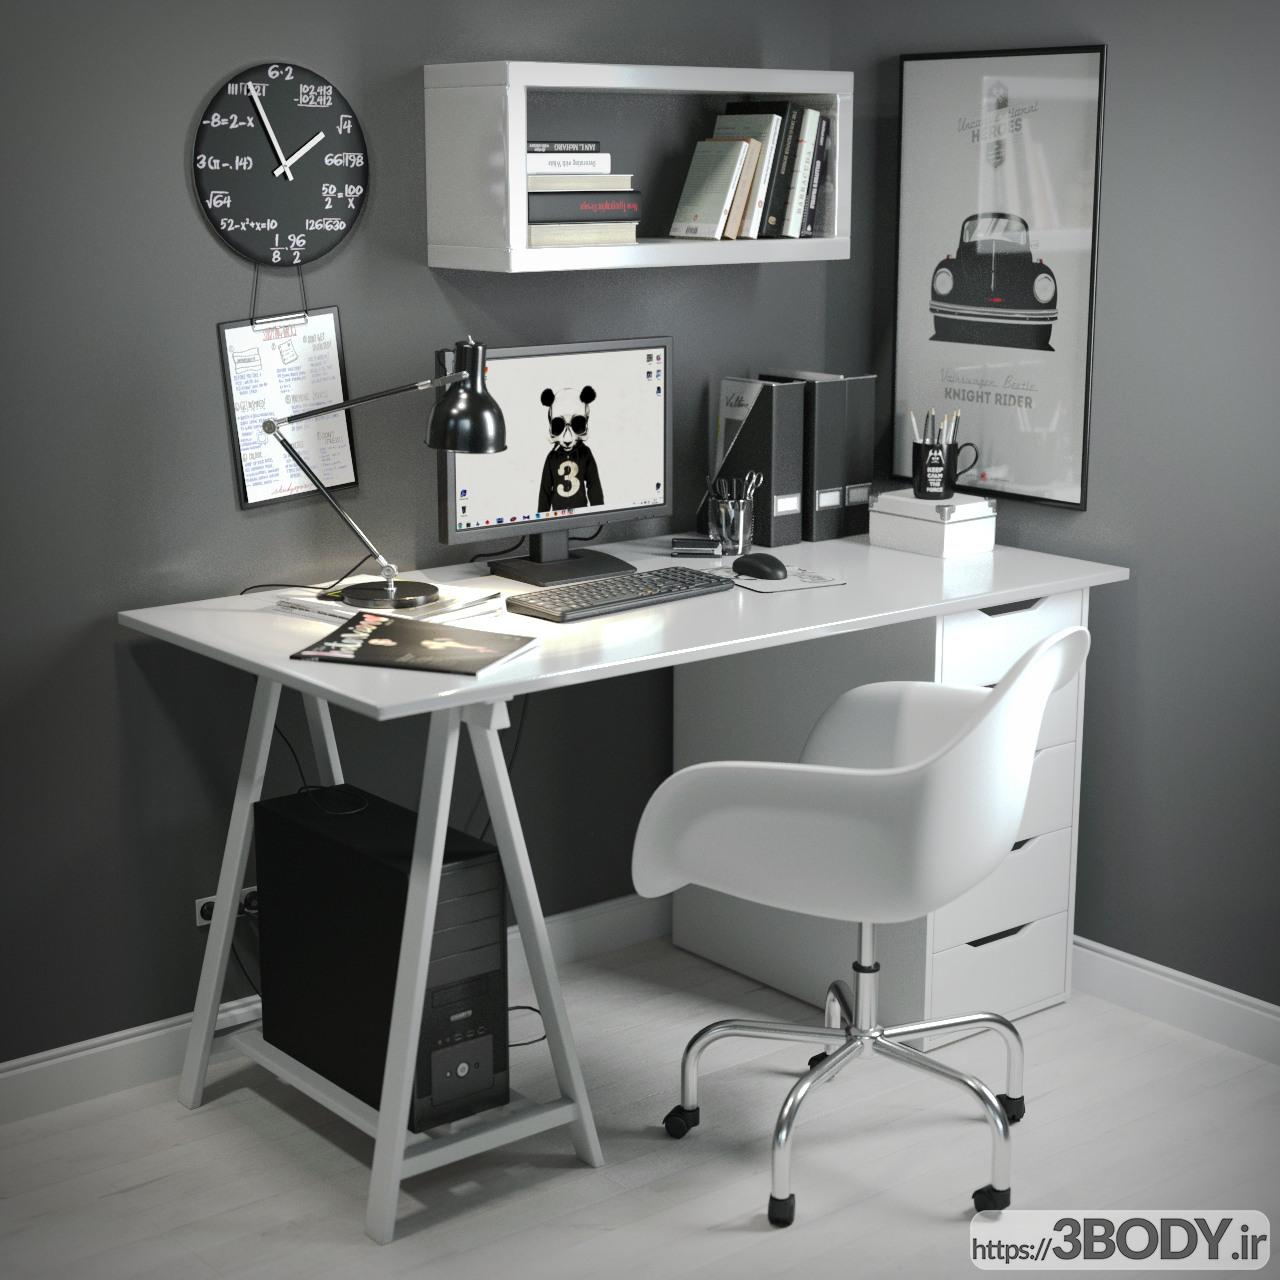 آبجکت سه بعدی میز و صندلی کار  سفید عکس 1